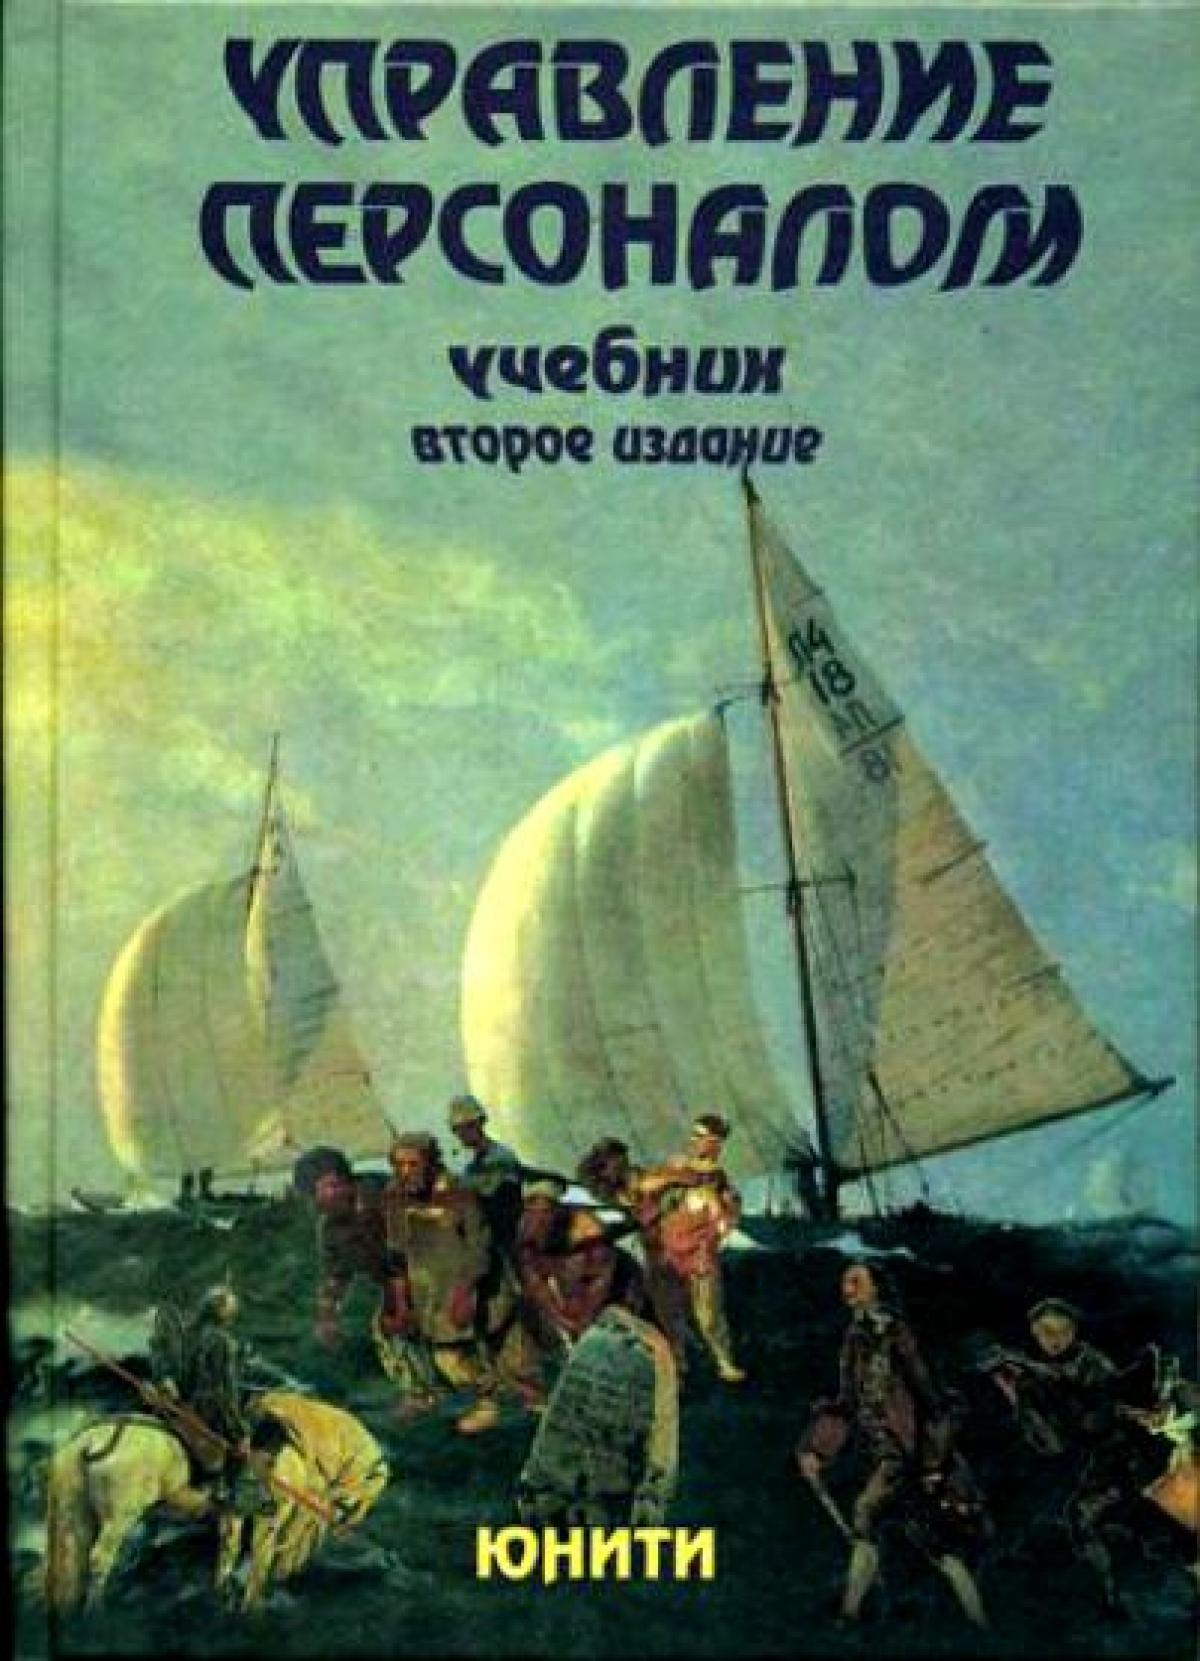 Обложка книги:  т.ю. базаров, б.л. еремин - управление персоналом